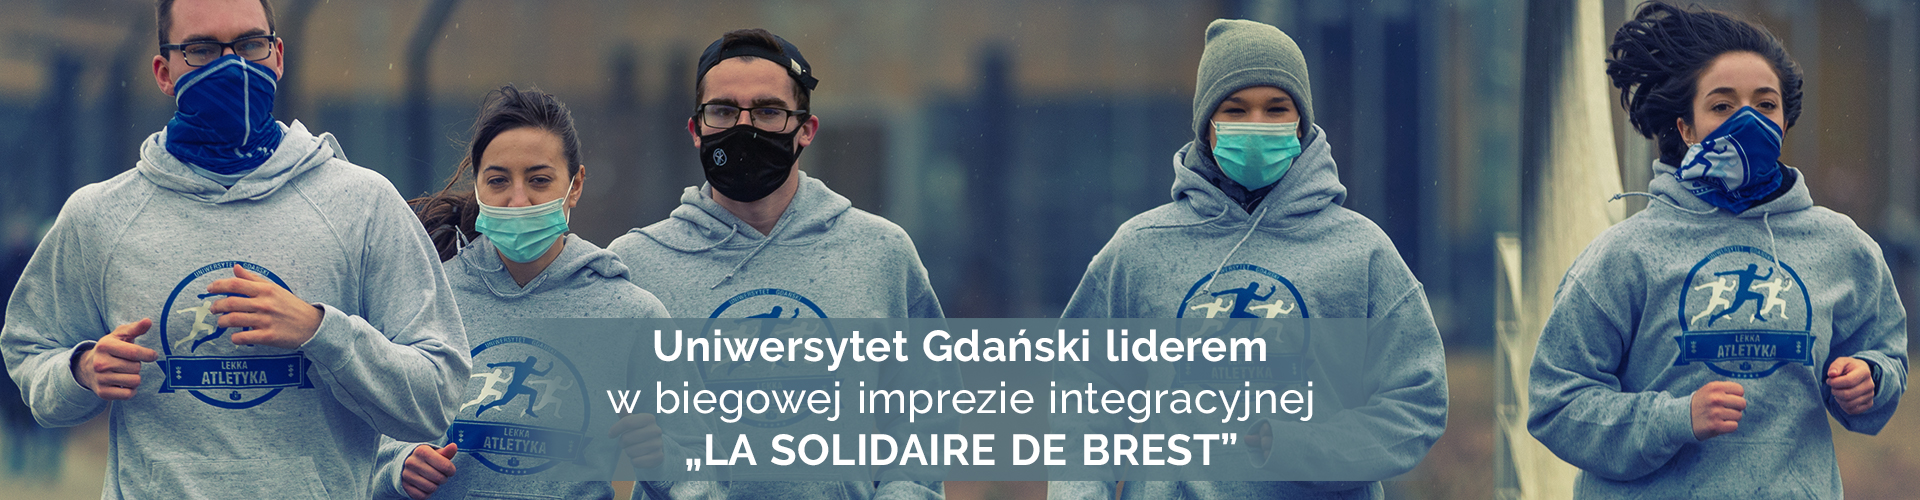 """Uniwersytet Gdański liderem w biegowej imprezie integracyjnej """"La Solidaire de Brest"""""""